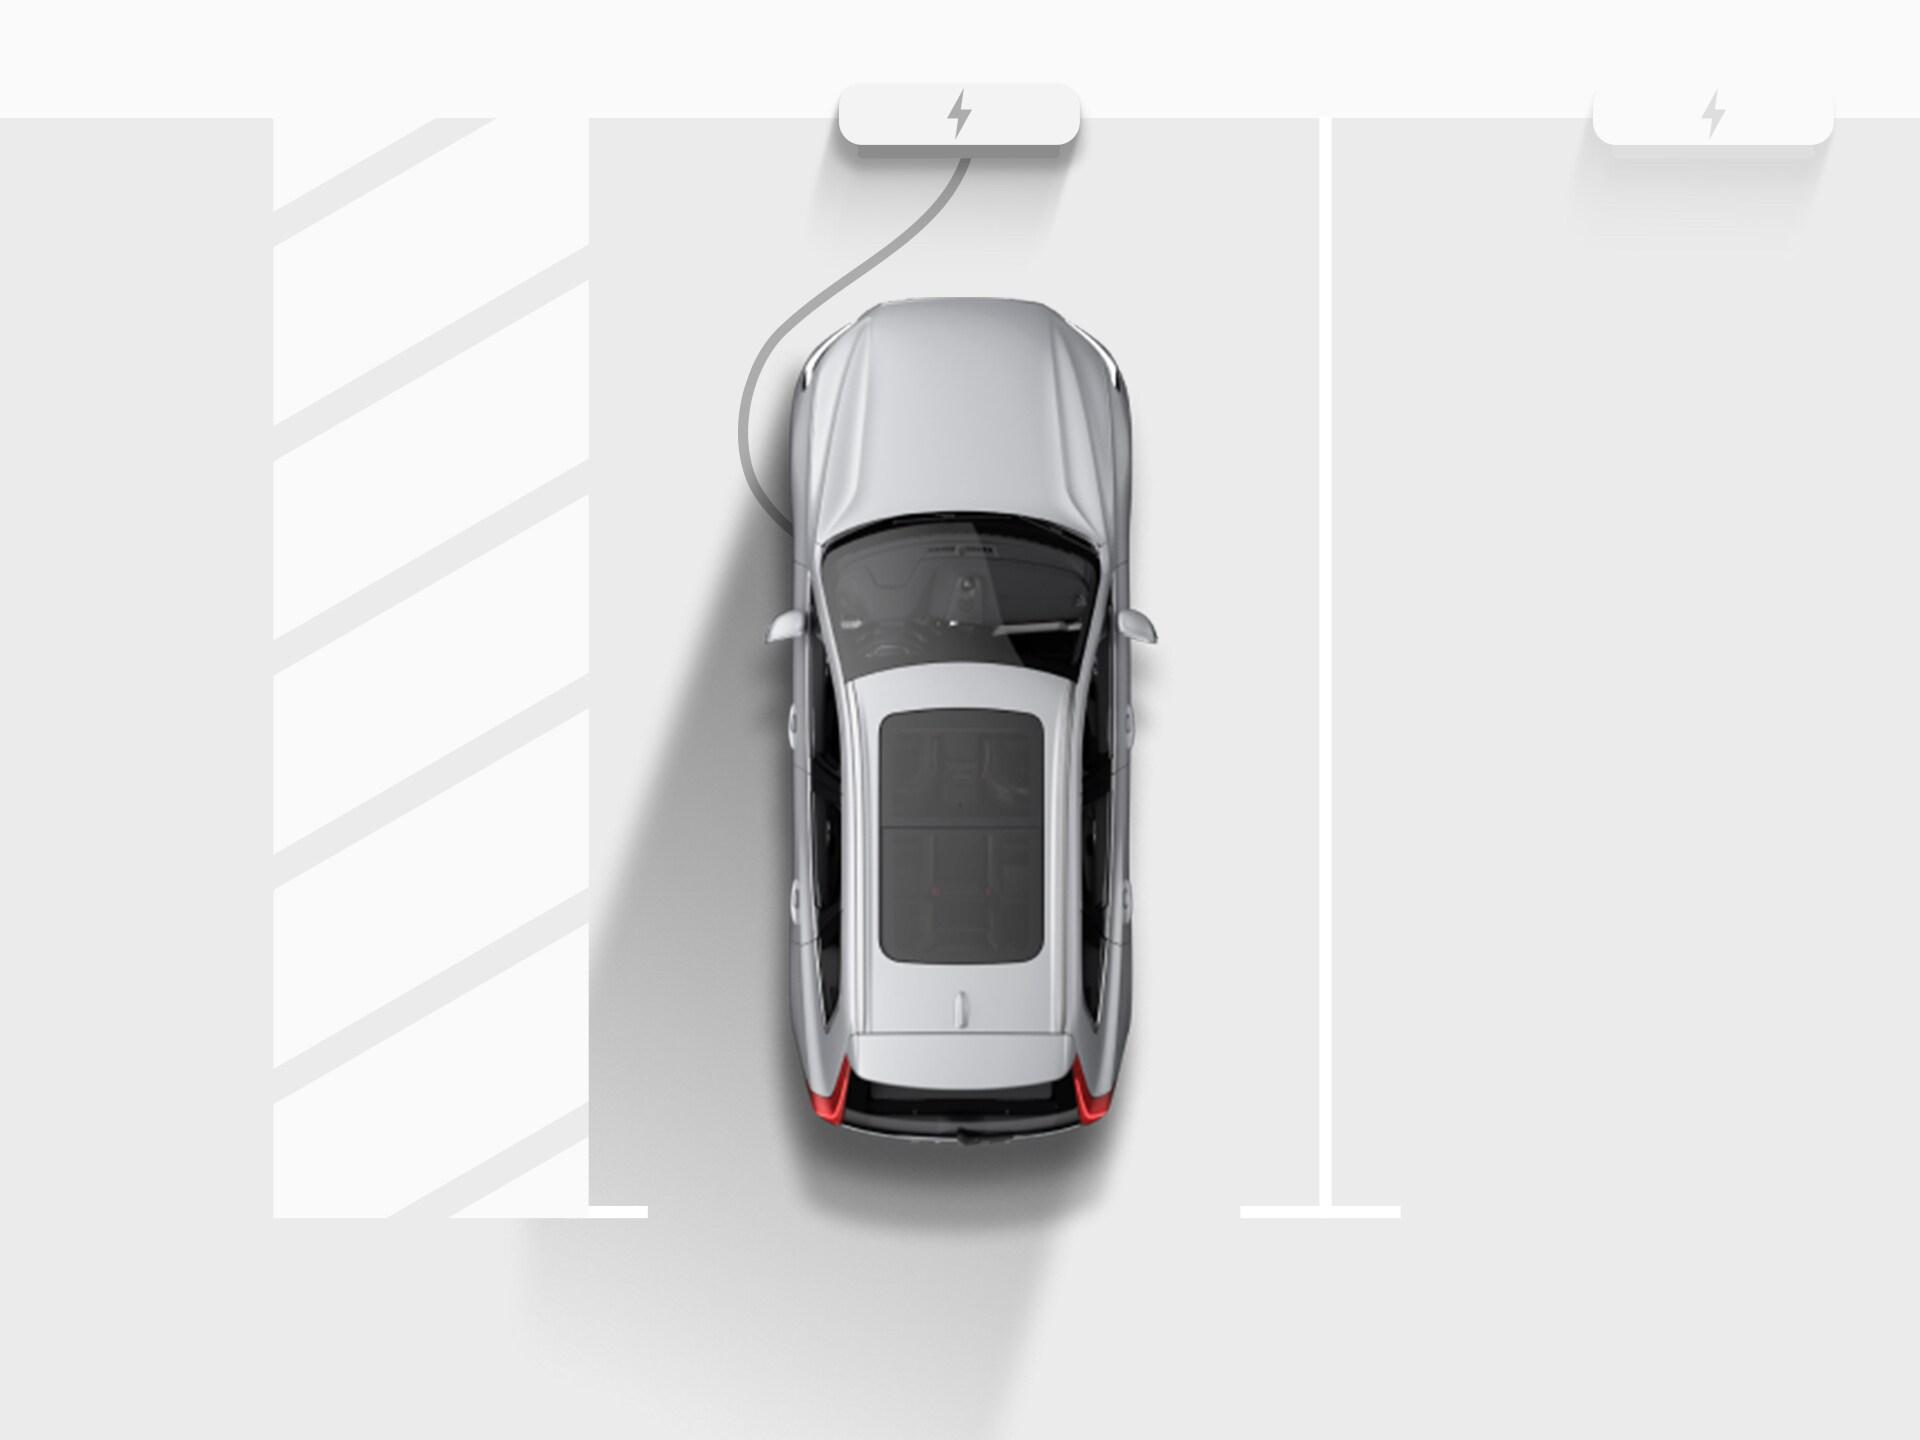 Digitale Zeichnung mit der Draufsicht eines silberfarbenen rein elektrischen Volvo XC40 Recharge SUV, das in der Einfahrt eines Hauses angeschlossen ist und geladen wird.